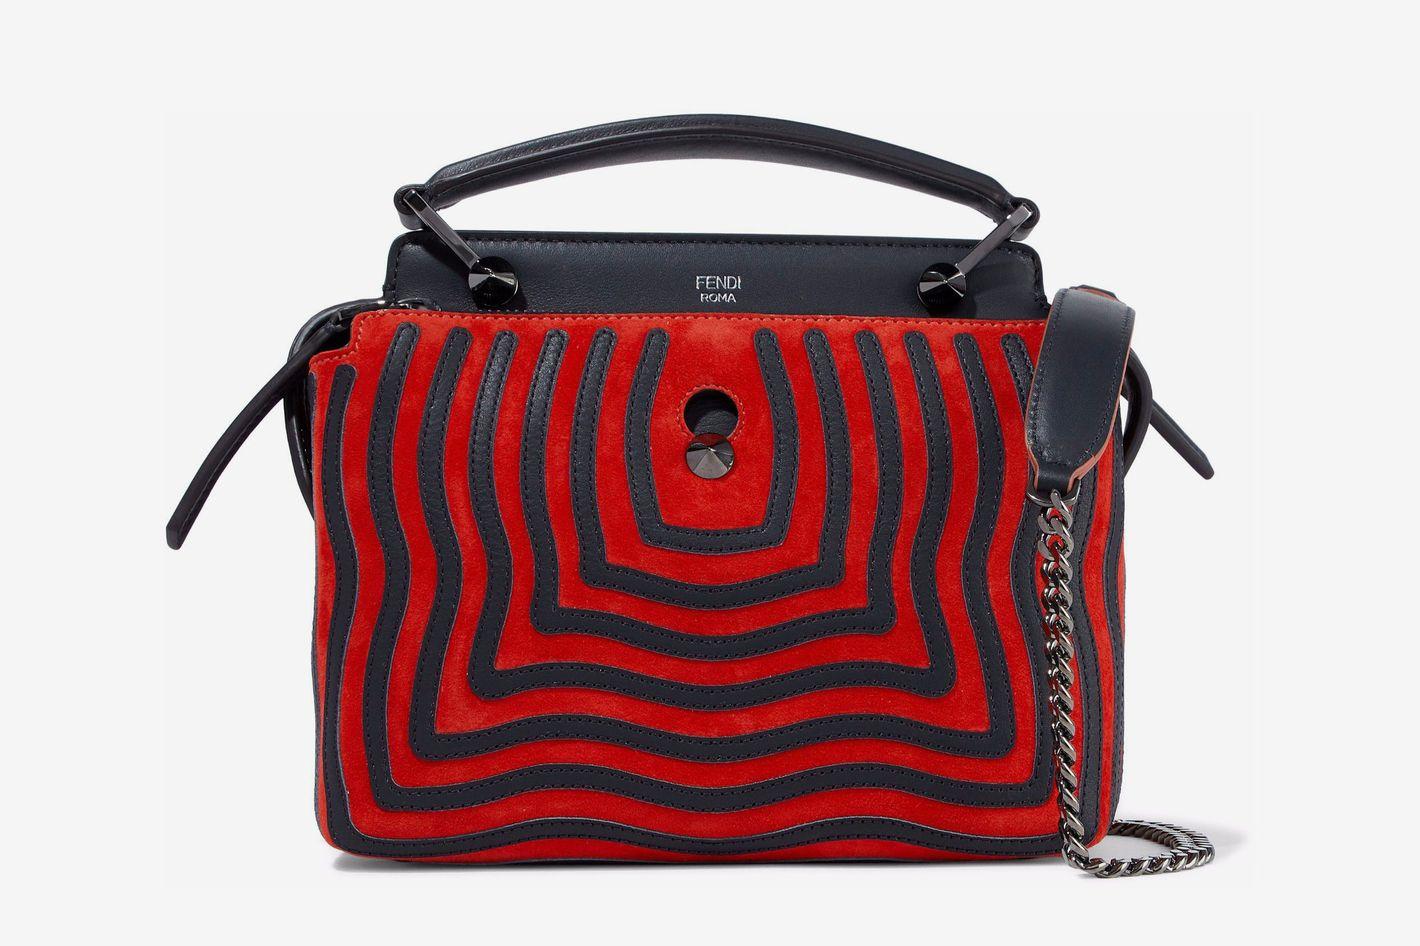 Fendi Dotcom Leather-Appliquéd Suede Shoulder Bag